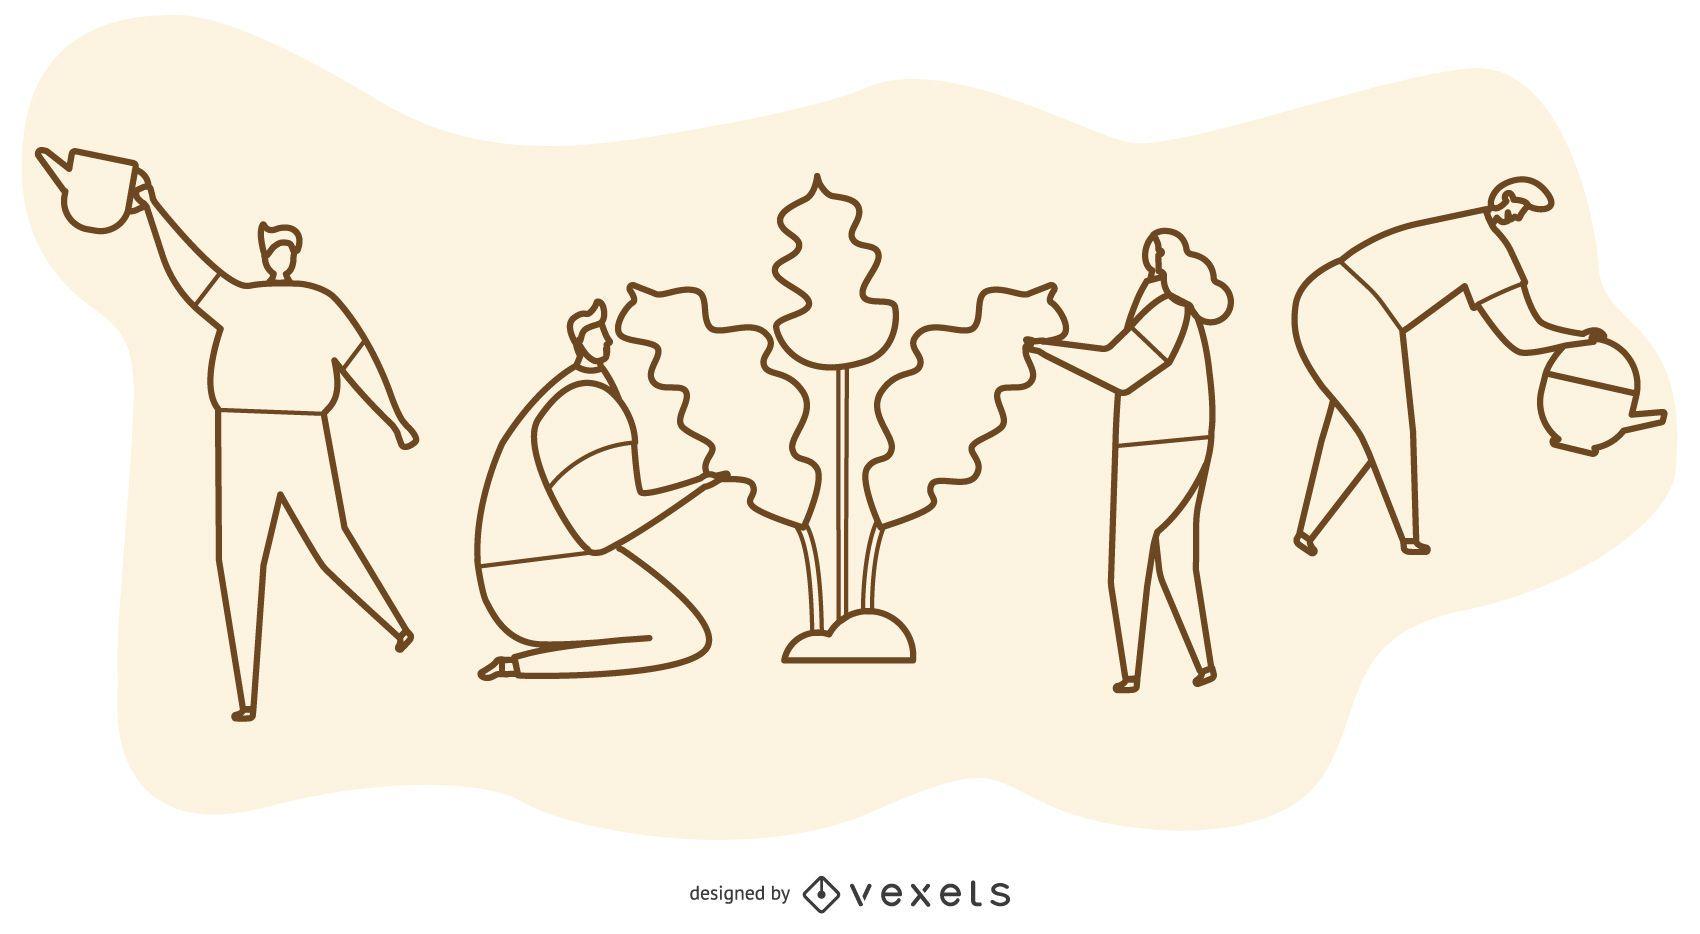 Tree Planting Line Cartoon Illustration